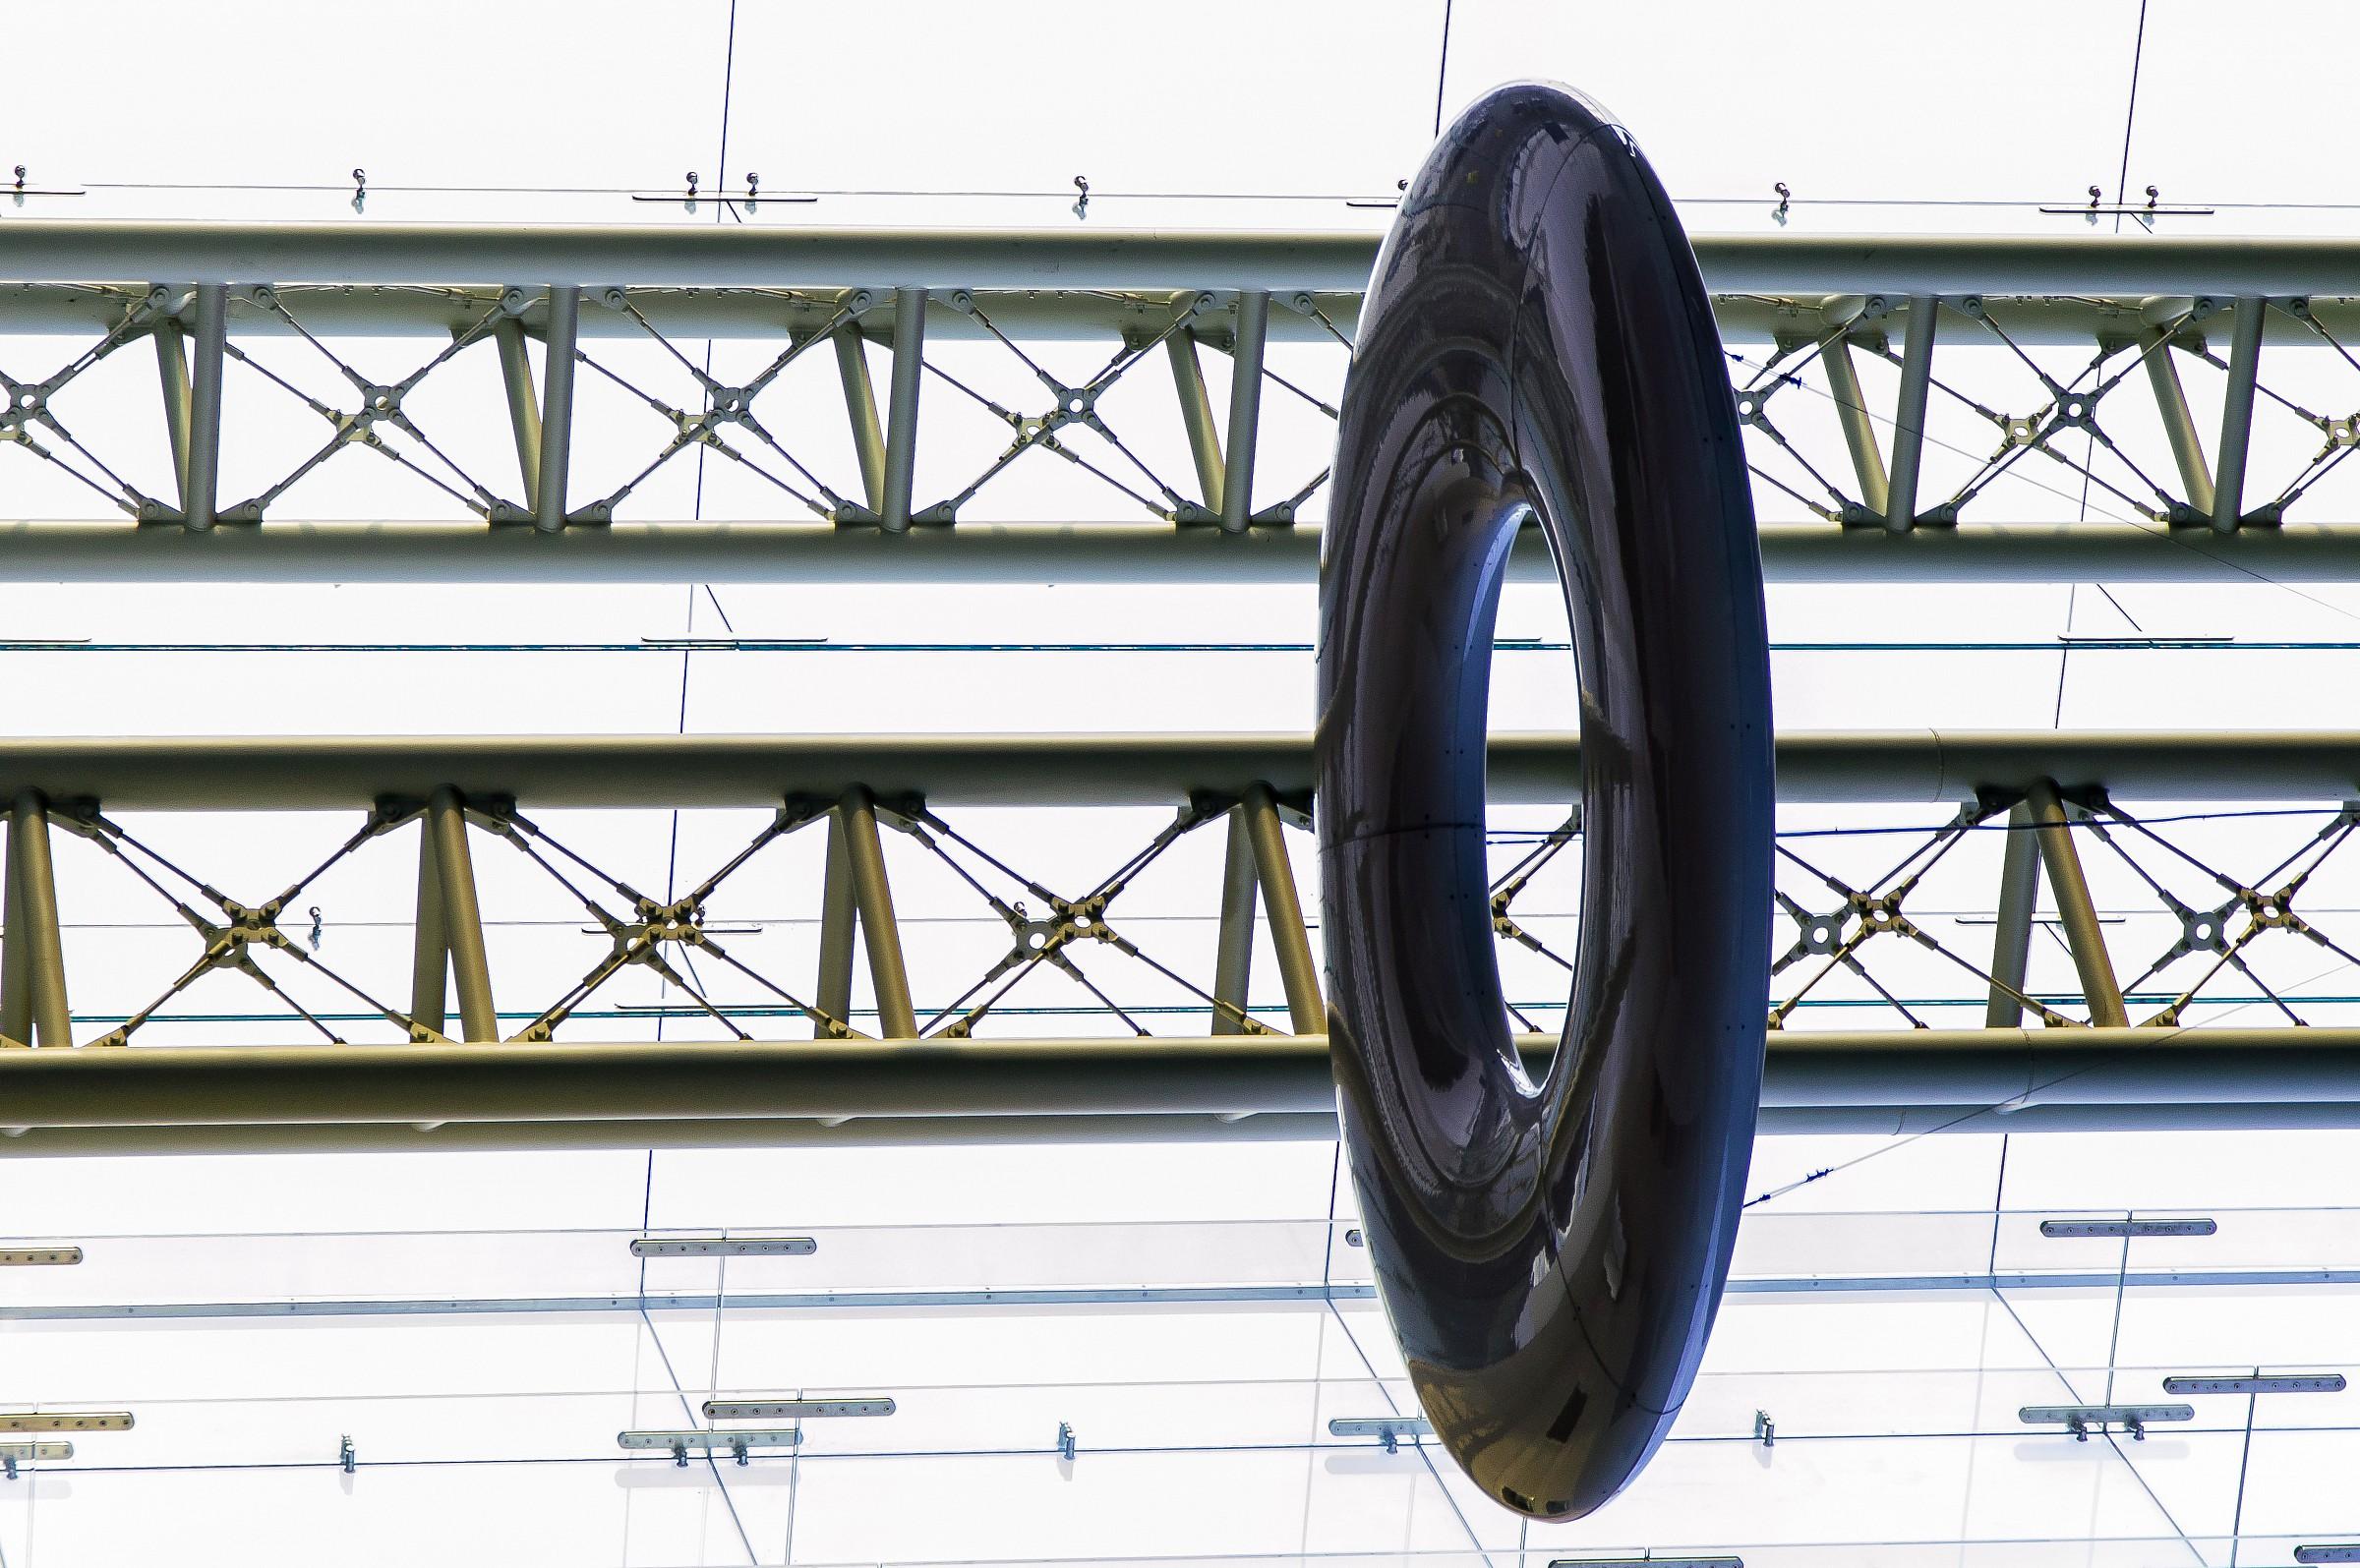 il disco volante di montichiari...